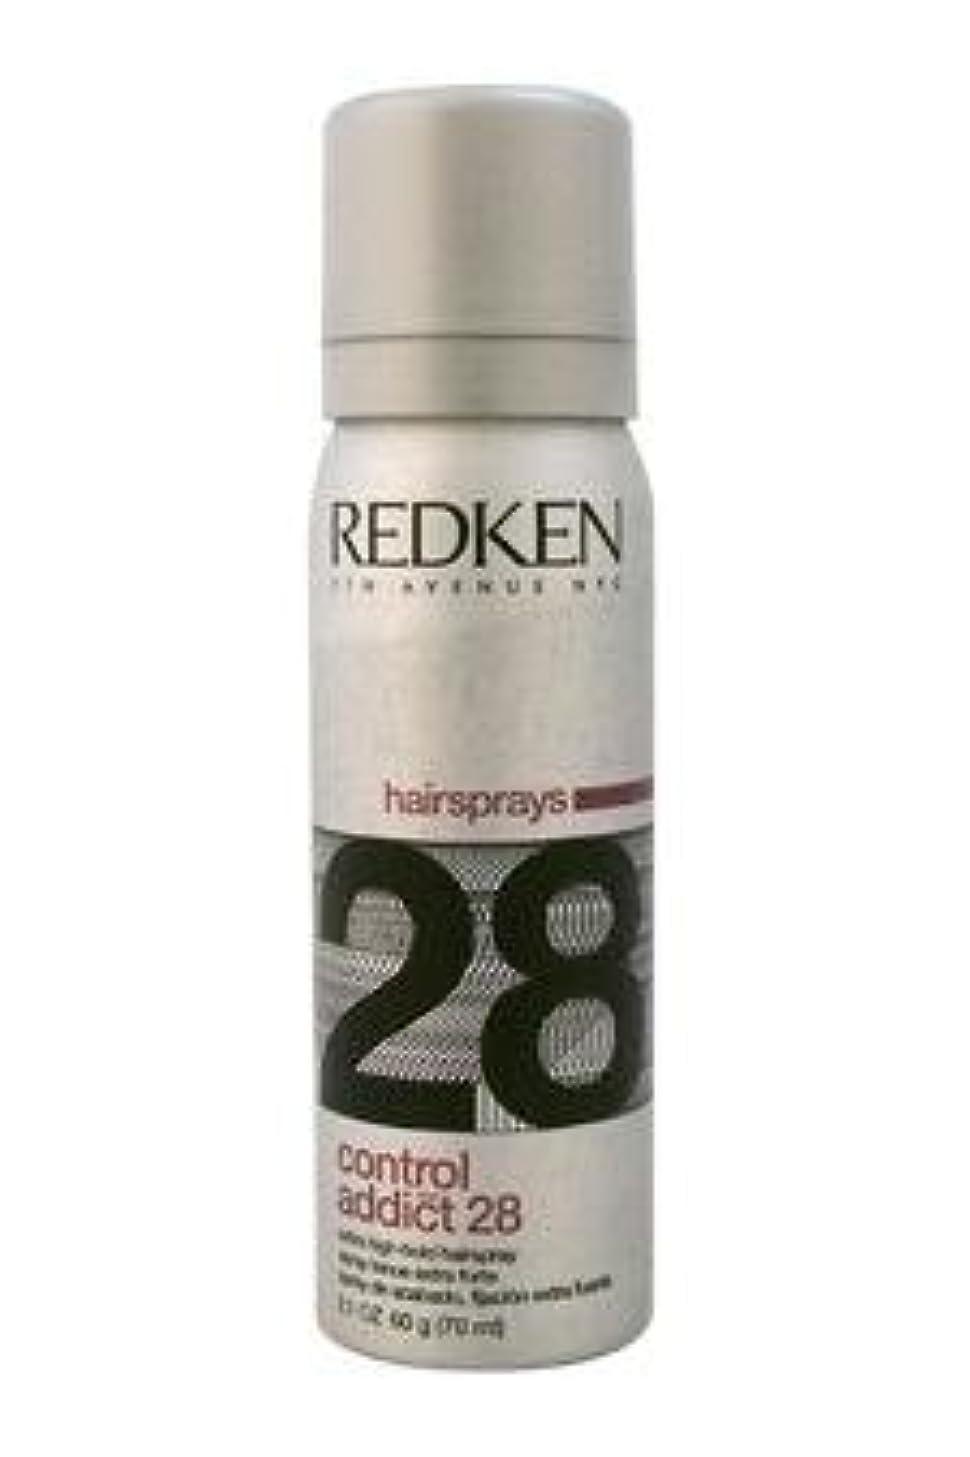 置くためにパック押すばかげたREDKEN レッドケンコントロールアディクト28 /レッドケンエクストラハイホールド髪2.0オズスプレー(57)ML) 2オンス